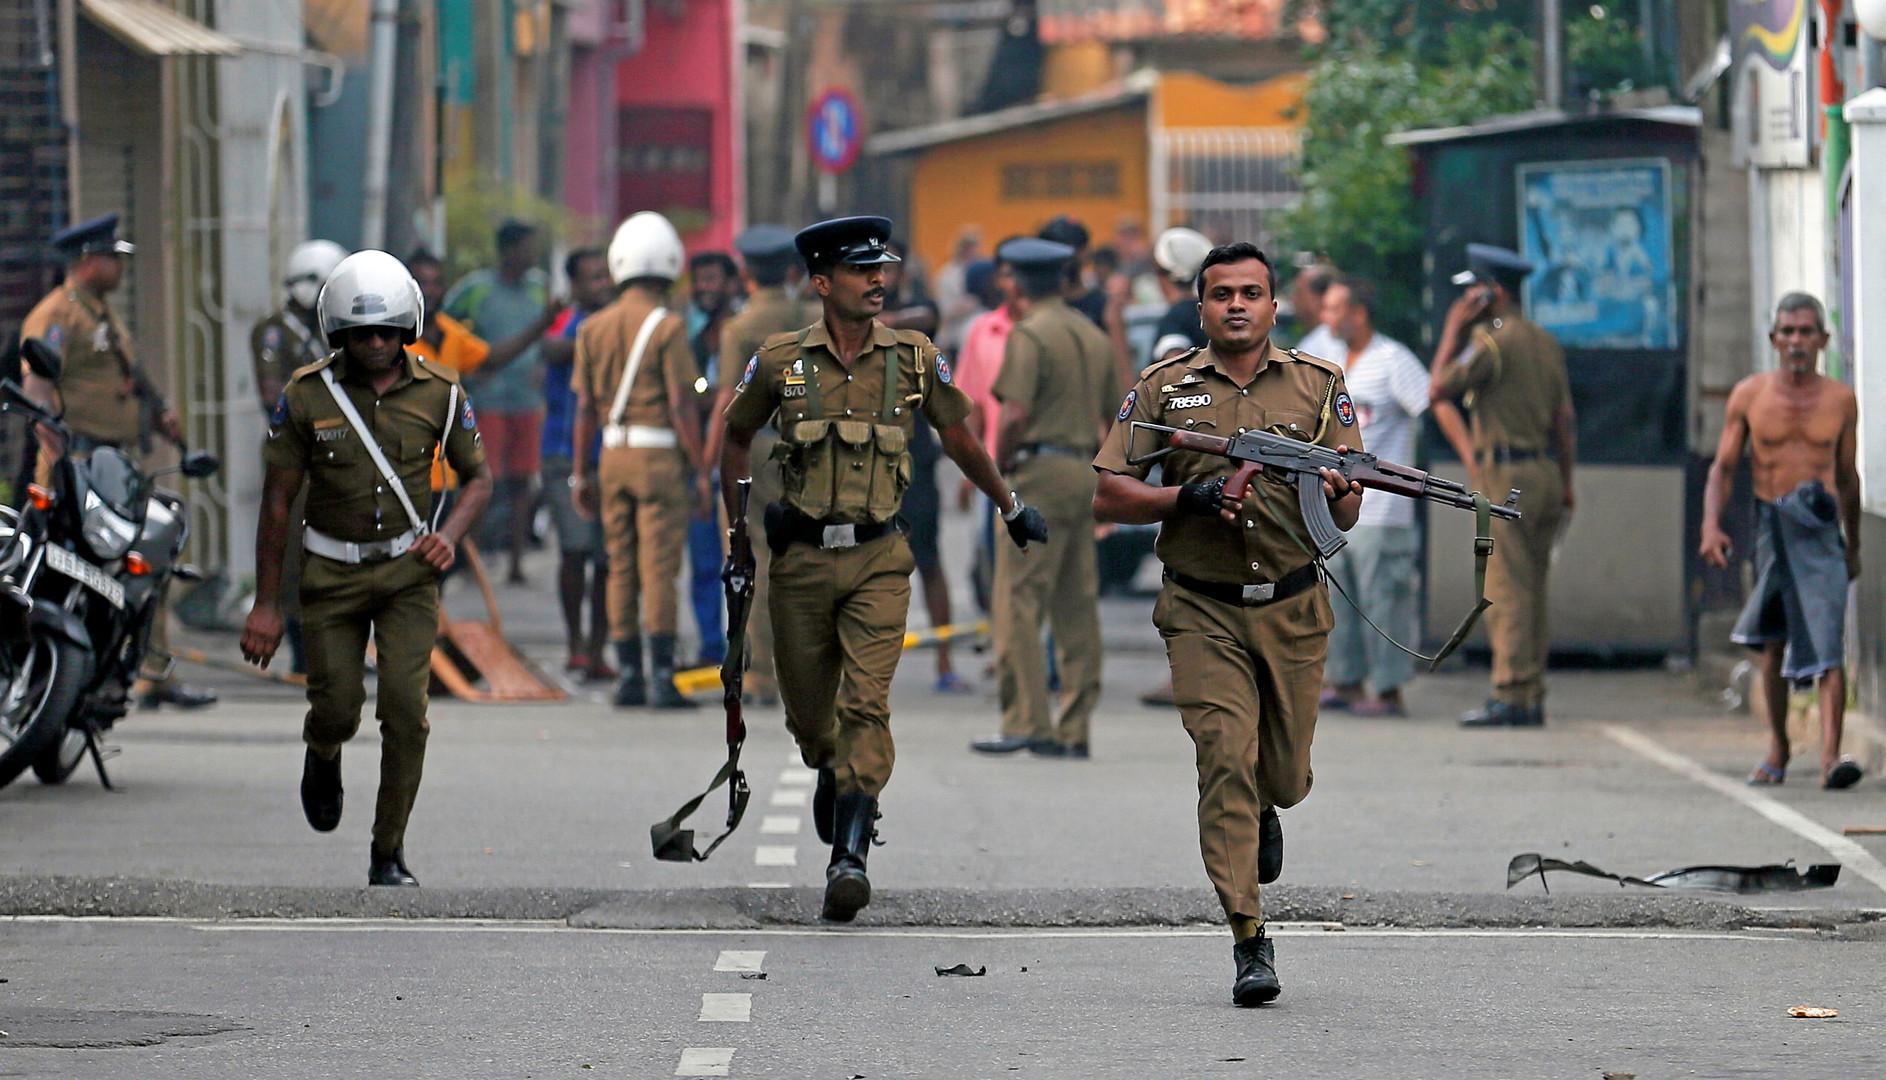 رجال أمن في شوارع كولومبو